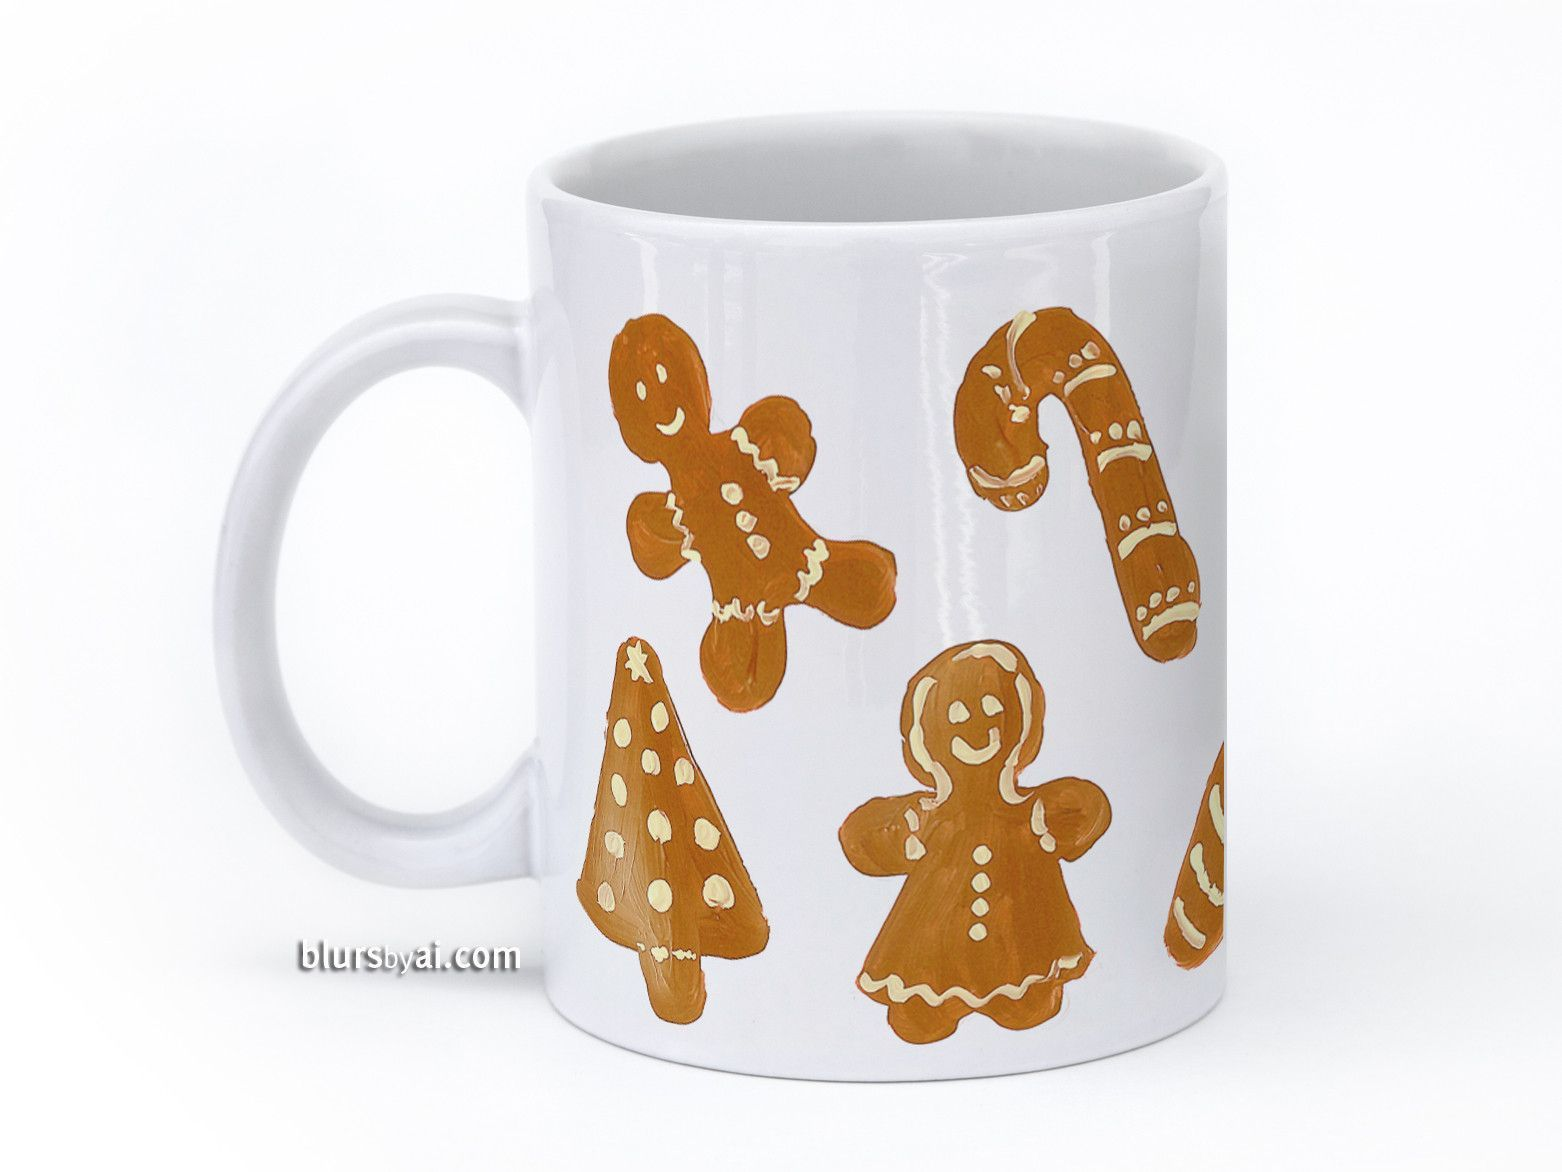 Gingerbread Christmas cookies mug  #HandPainted #ChristmasTree #GingerbreadCookies #ChristmasGingerbreadCookies #CandyCane #GingerbreadMen #ChristmasGift #ChristmasMug #11OzMug #CoffeeMug